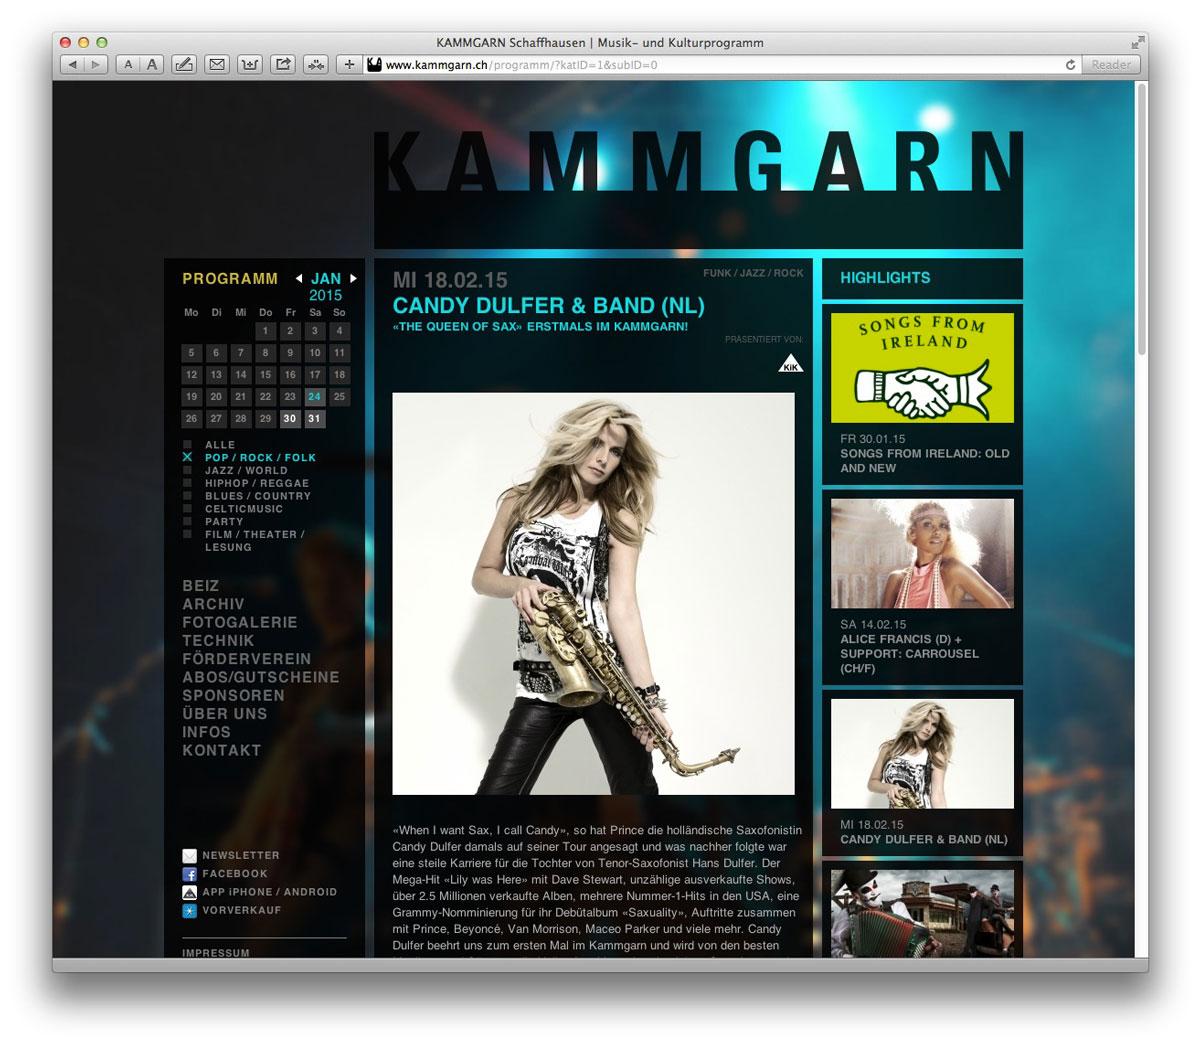 Website_Kammgarn_Schaffhausen_2